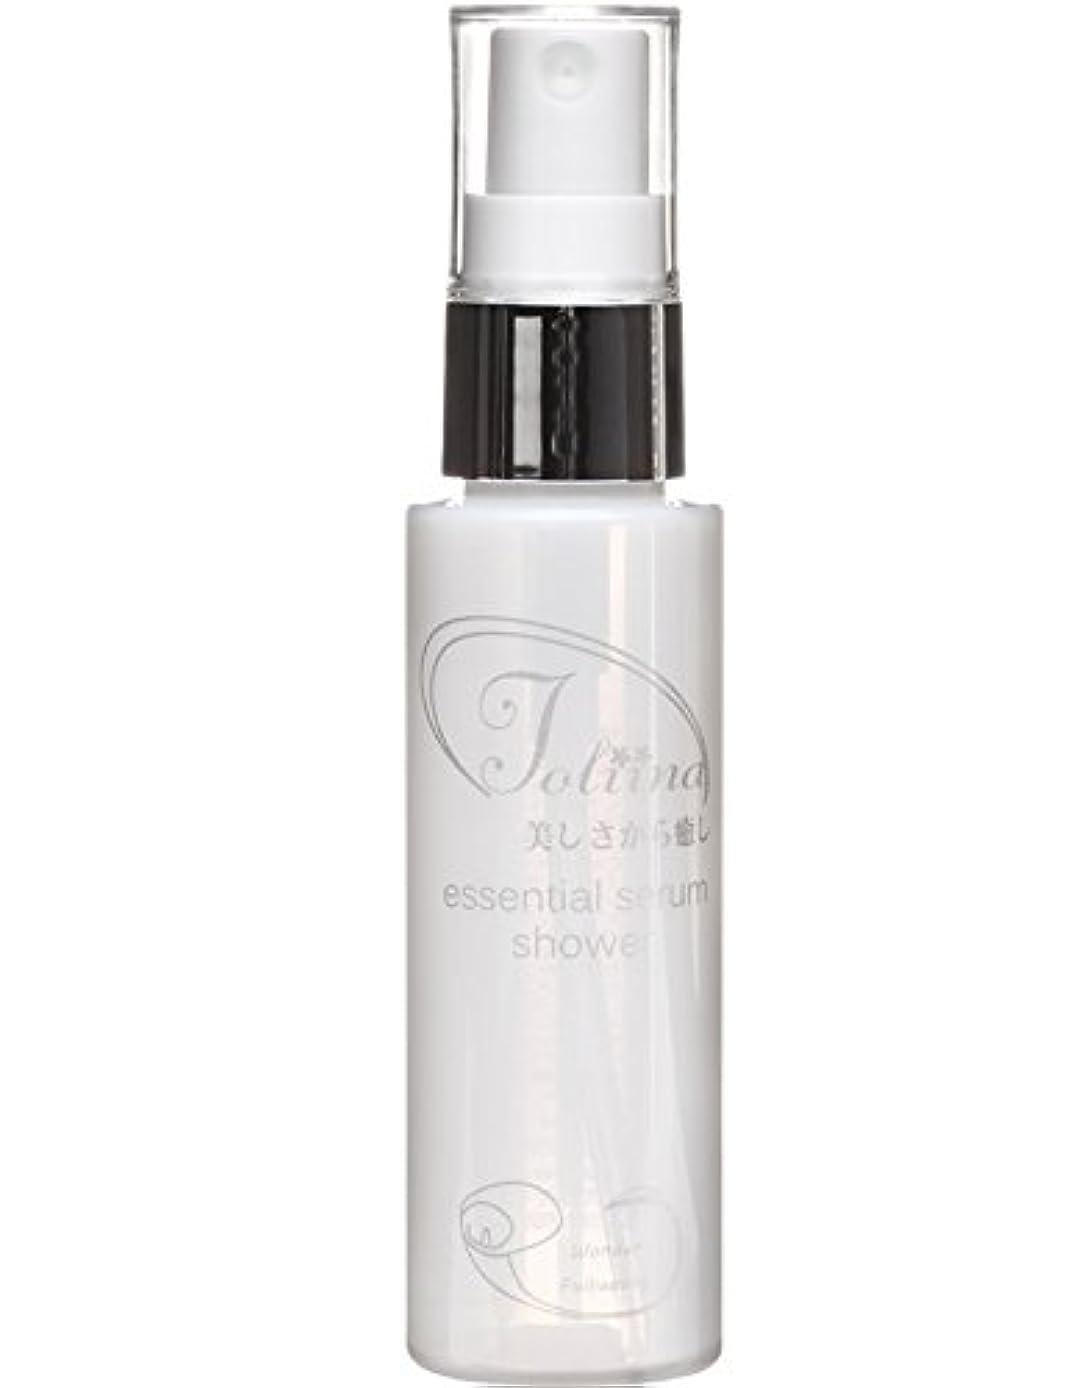 東方言語シャイニングToliina essential serum shower